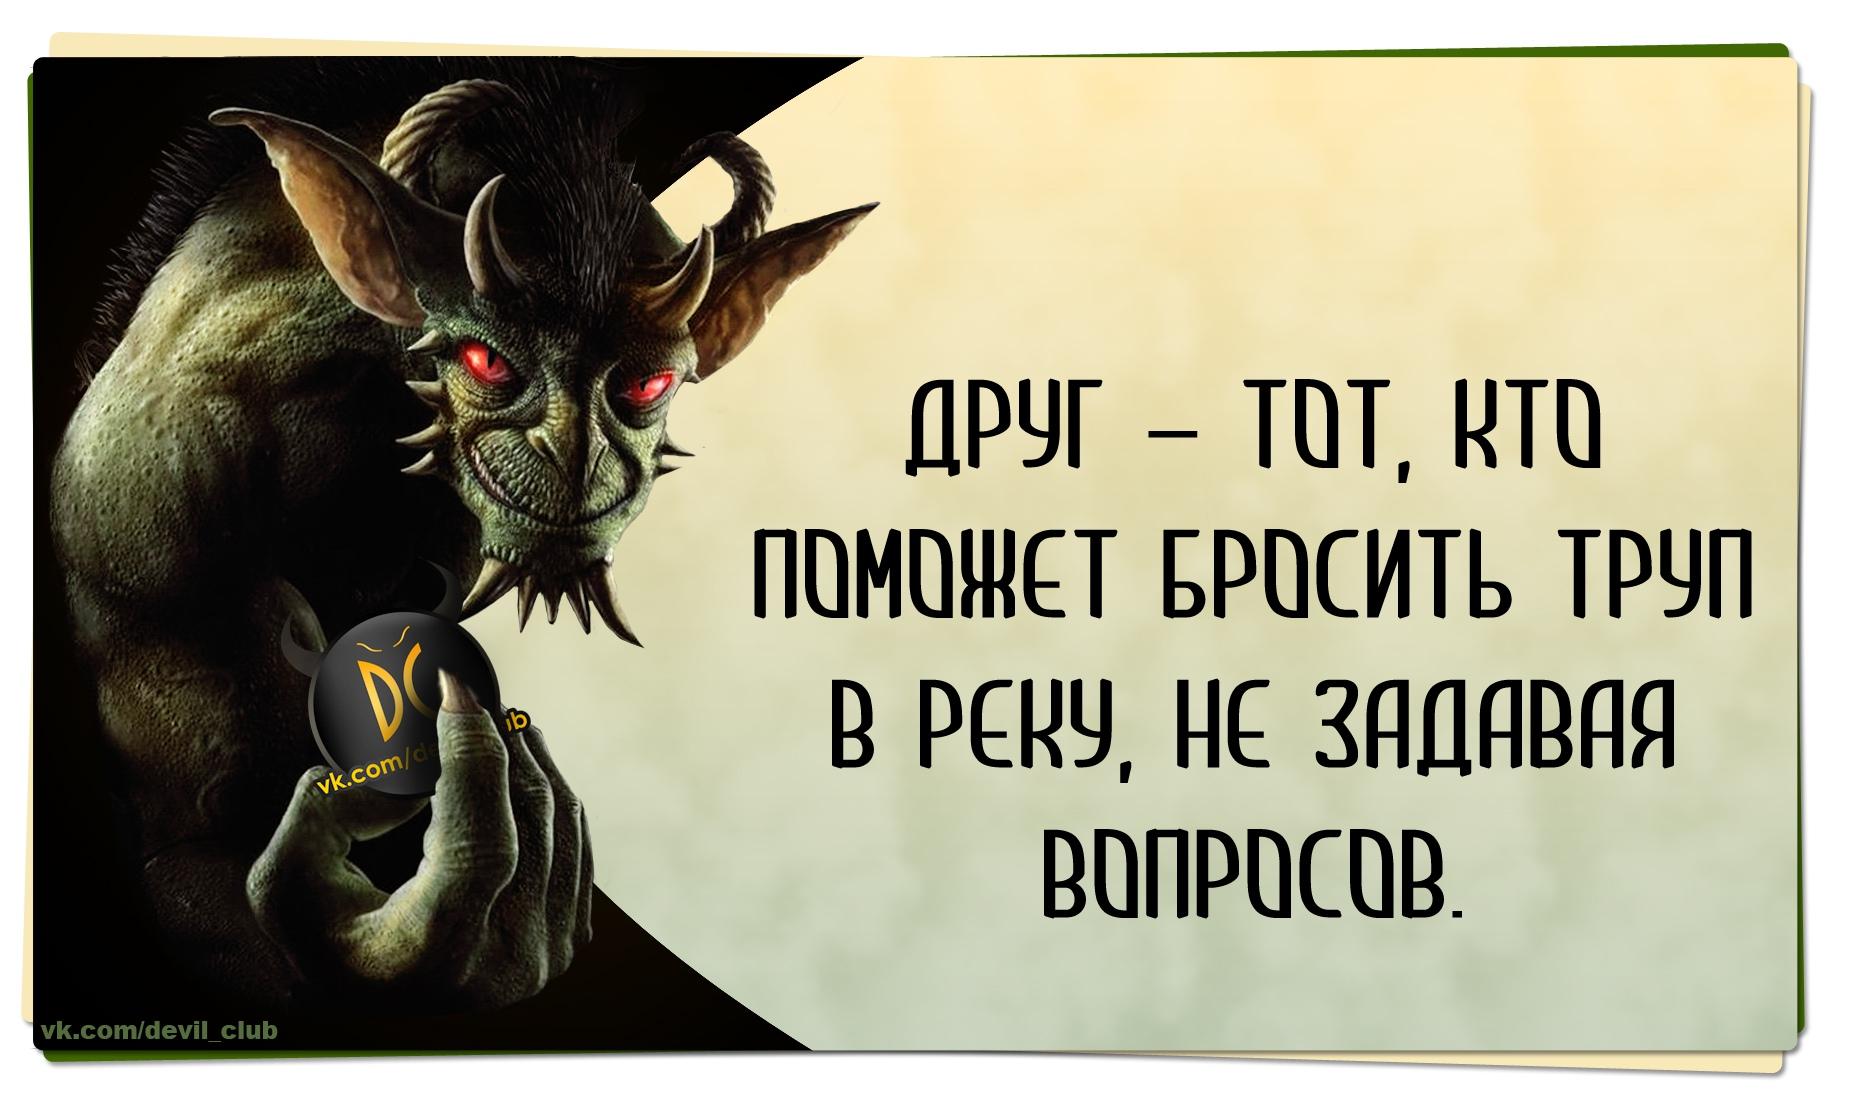 bFzRd4DinvQ.jpg